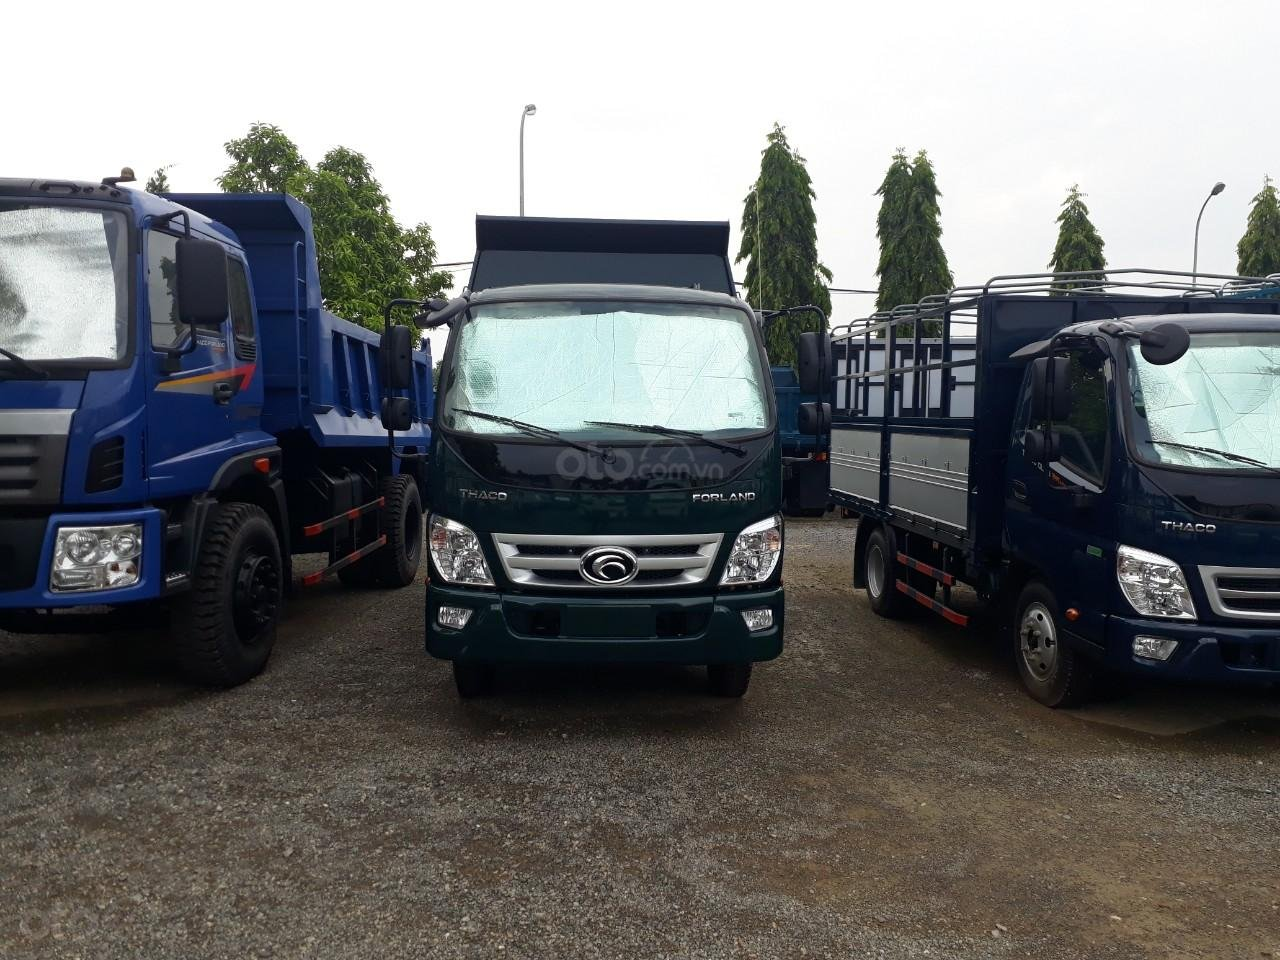 Xe tải ben Thaco FD350. E4 tải trọng 3.49 tấn trường hải ở Hà Nội, LH: 098.253.6148-5